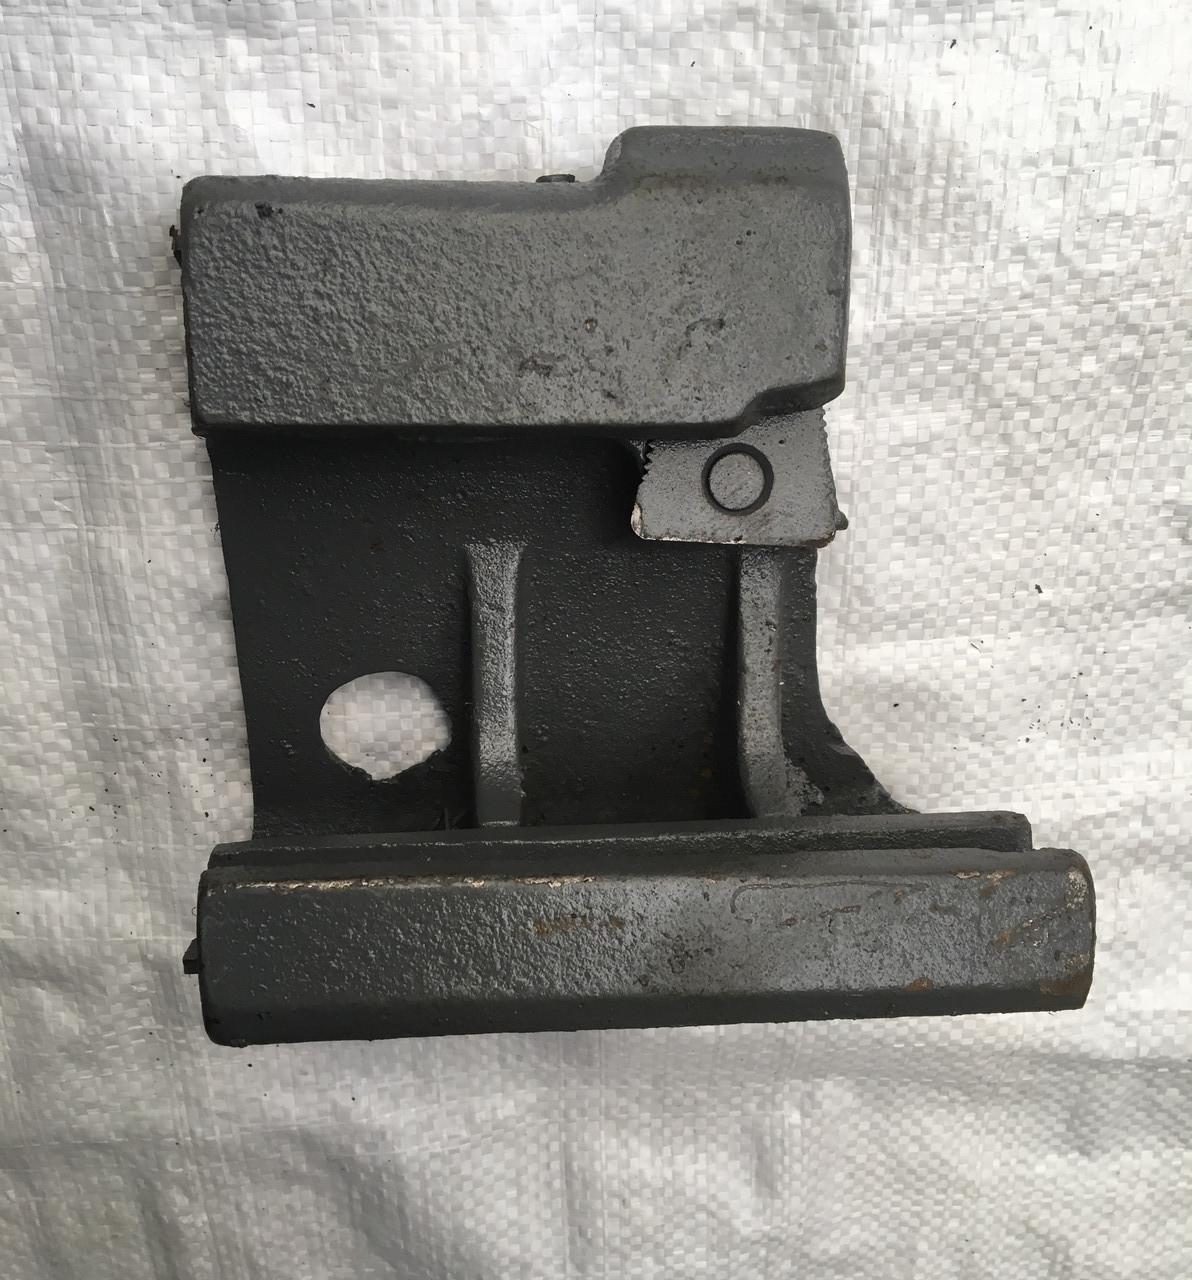 Направляющая ножа (косы) режущего аппарата  НИВА СК-5. 54-1-2-9Б